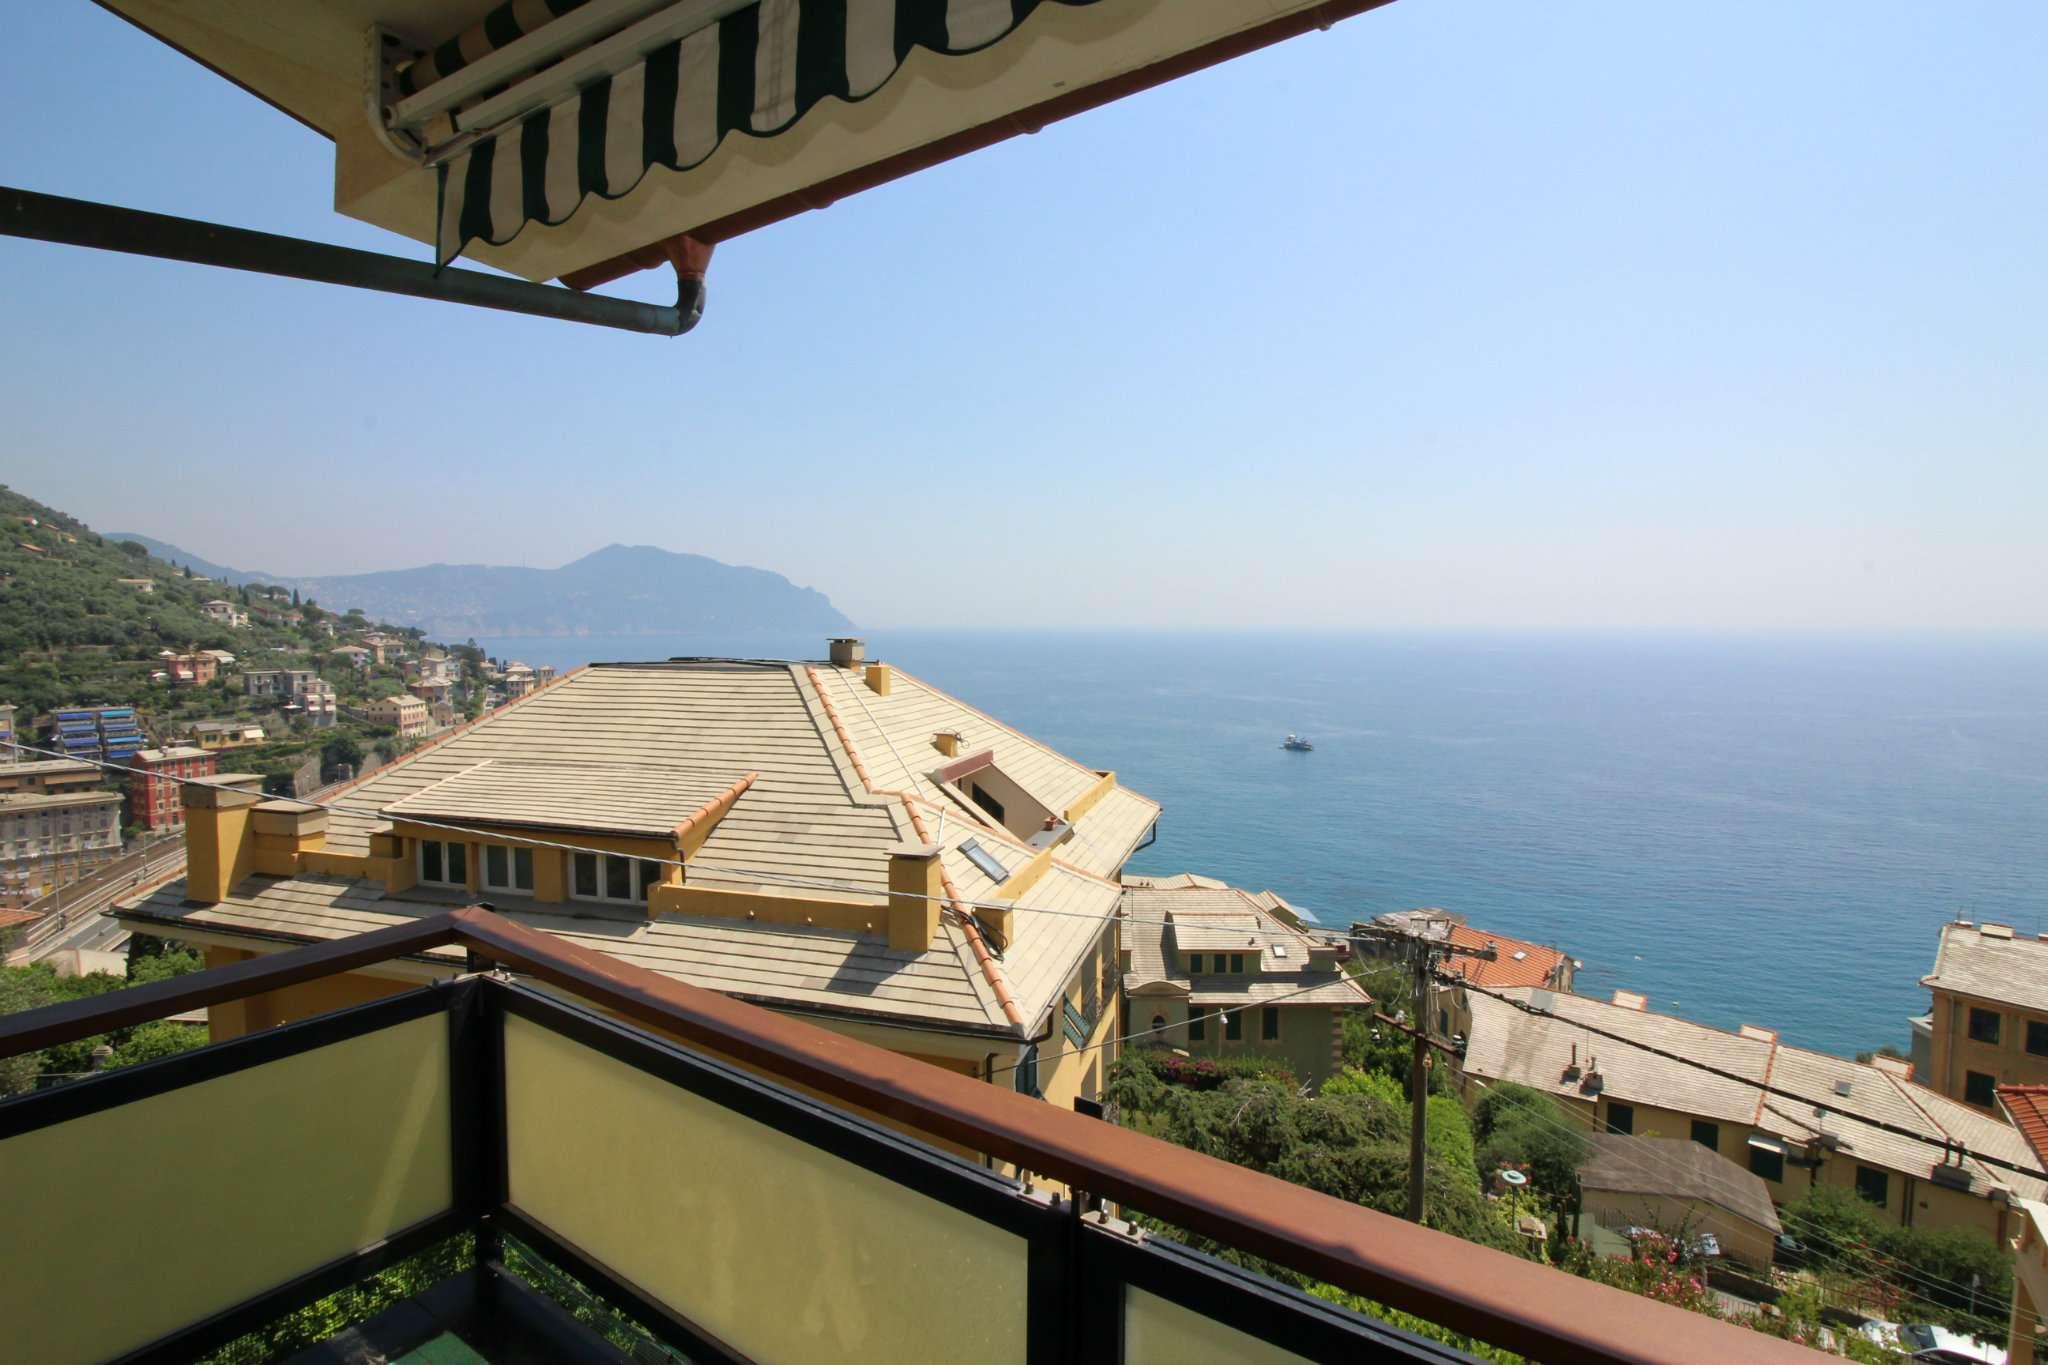 Appartamento in vendita a Sori, 4 locali, prezzo € 320.000 | CambioCasa.it